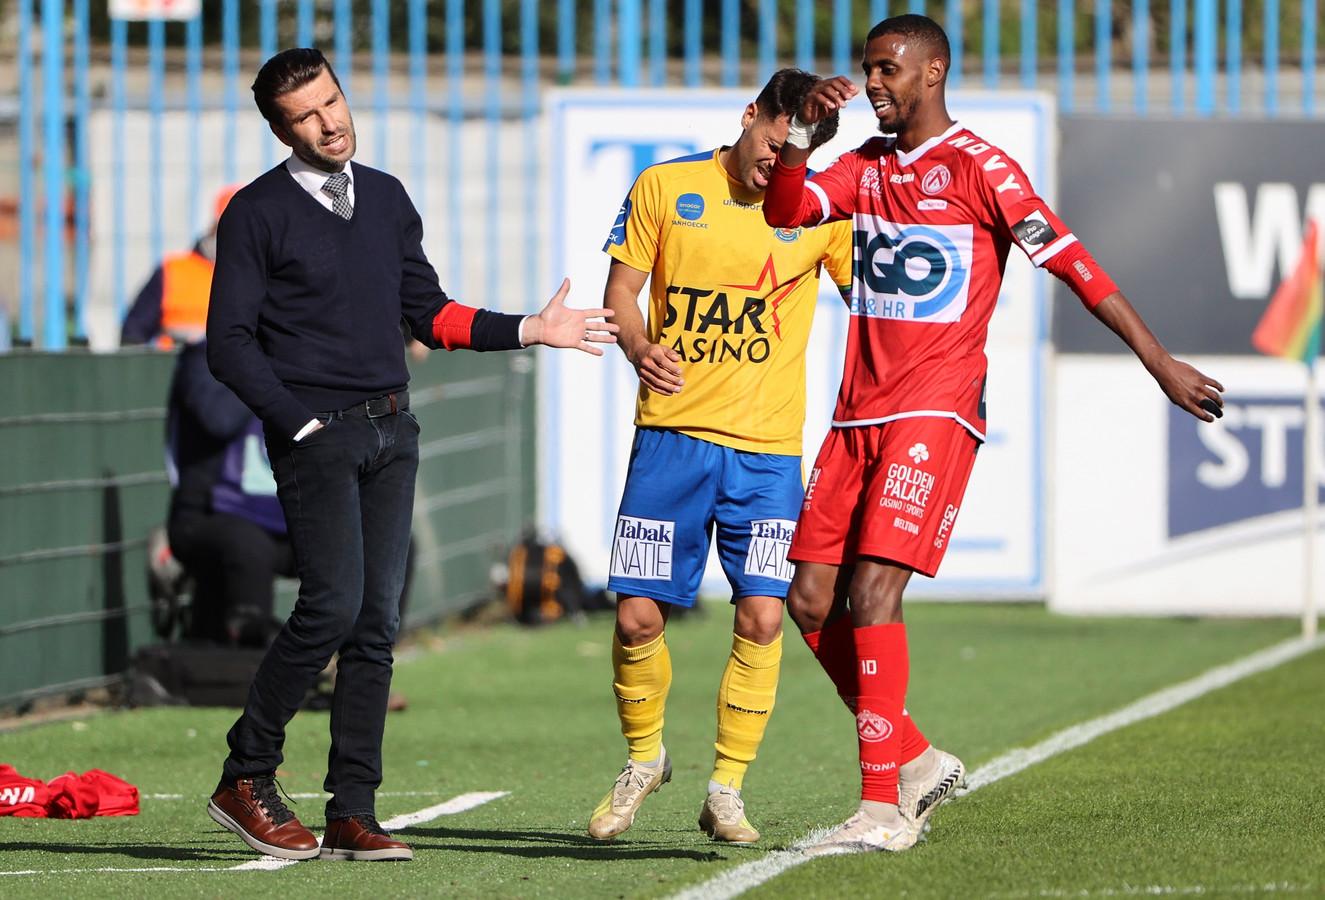 Faïz Selemani heeft gescoord en krijgt felicitaties van zijn coach Luka Elsner.